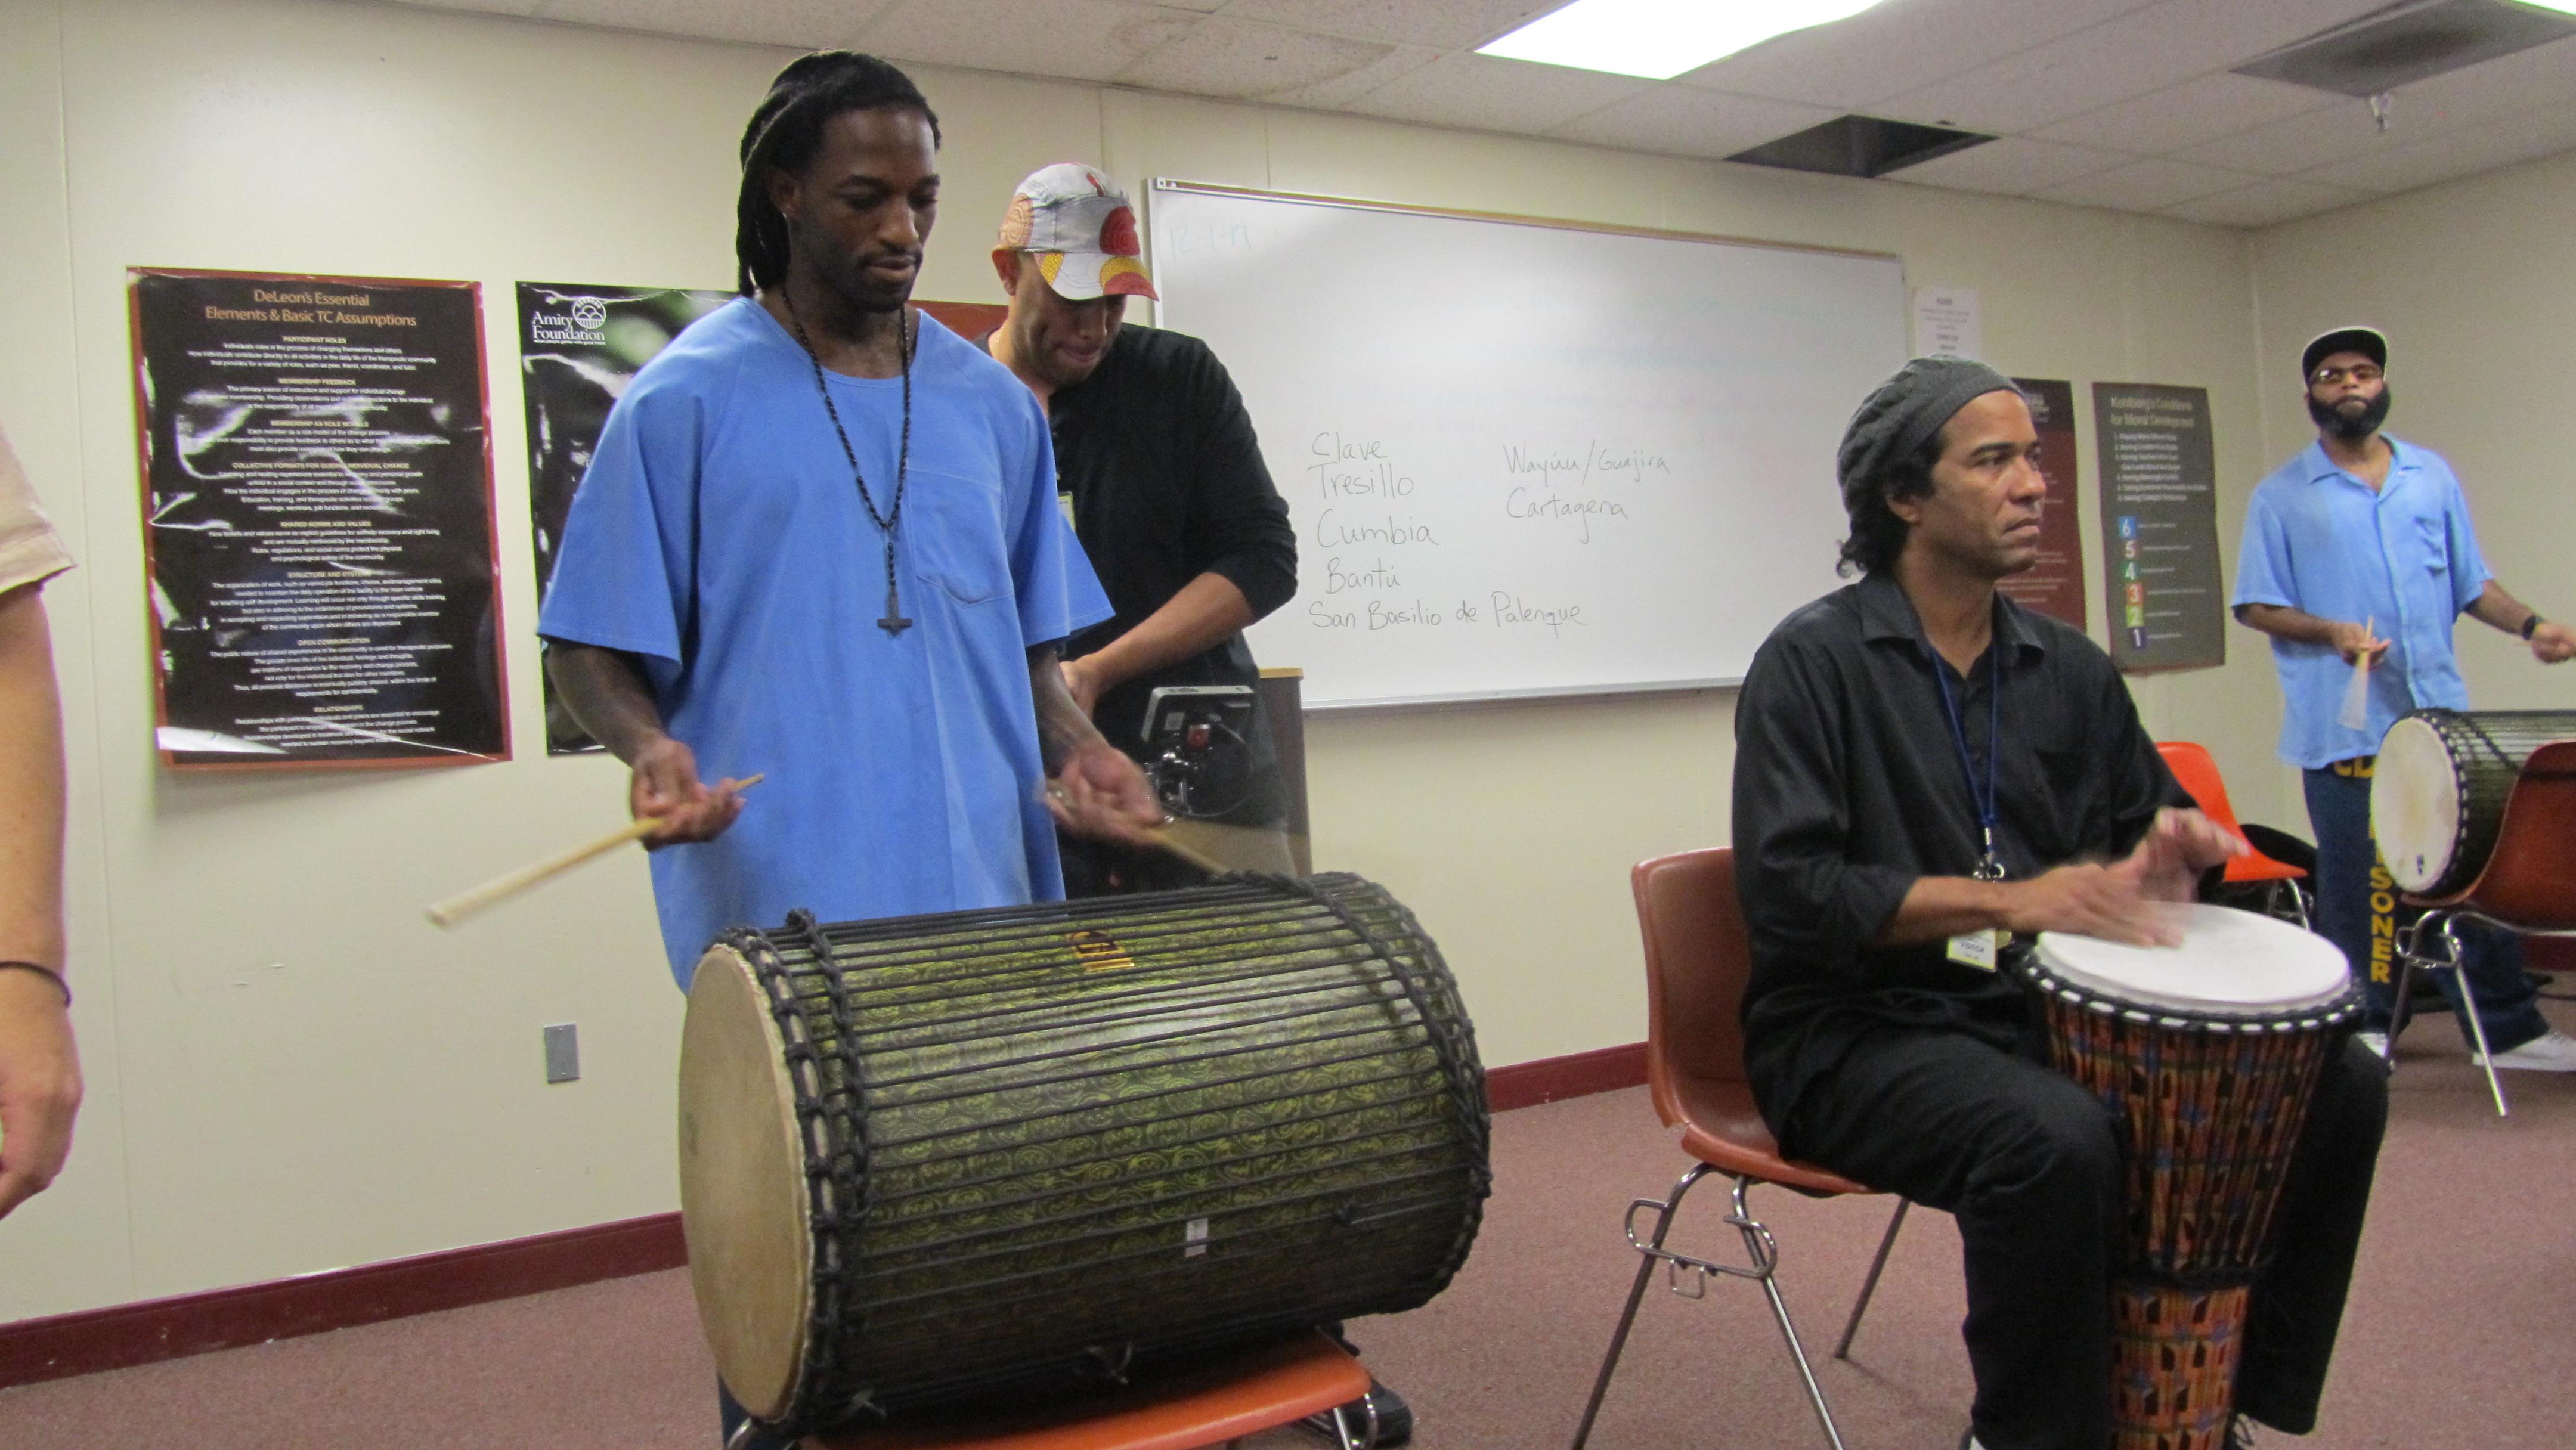 Eugene Mitchell, de pie,  practica junto al maestro Eduardo Martinez sentado. Foto de Ruben Tapia